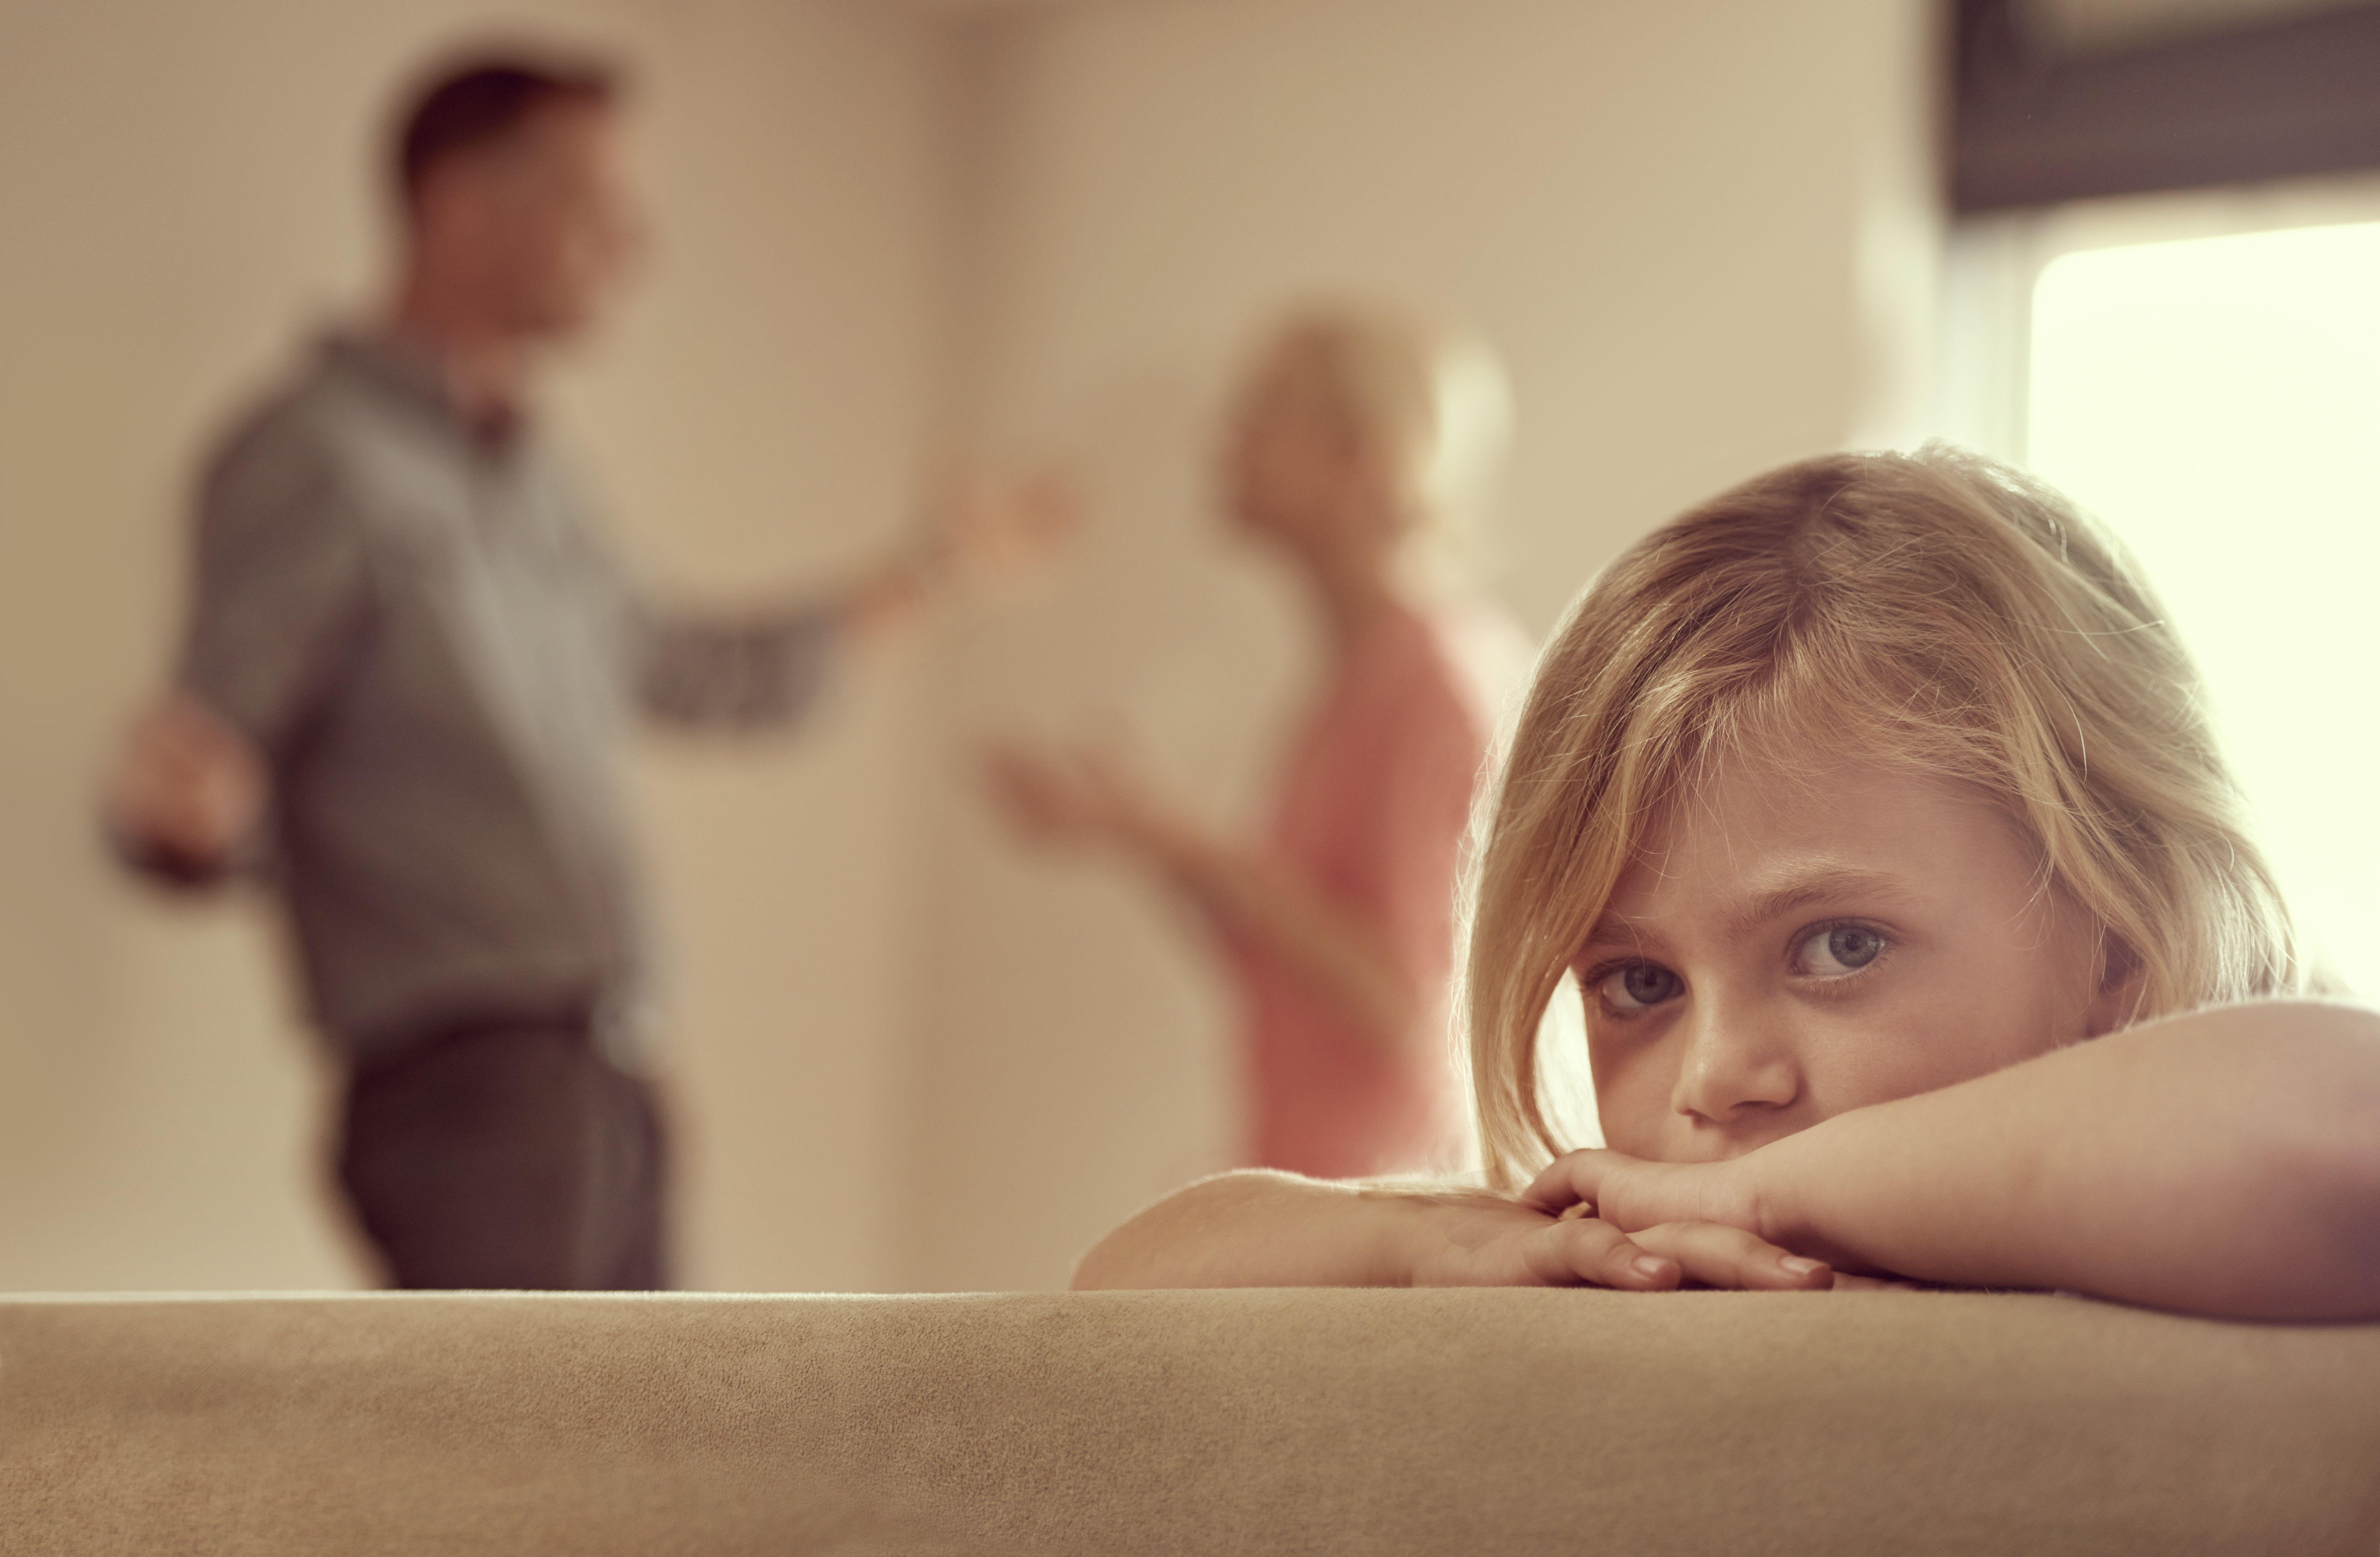 Derecho familiar: Especialidades de Manzano y Muñiz Abogados